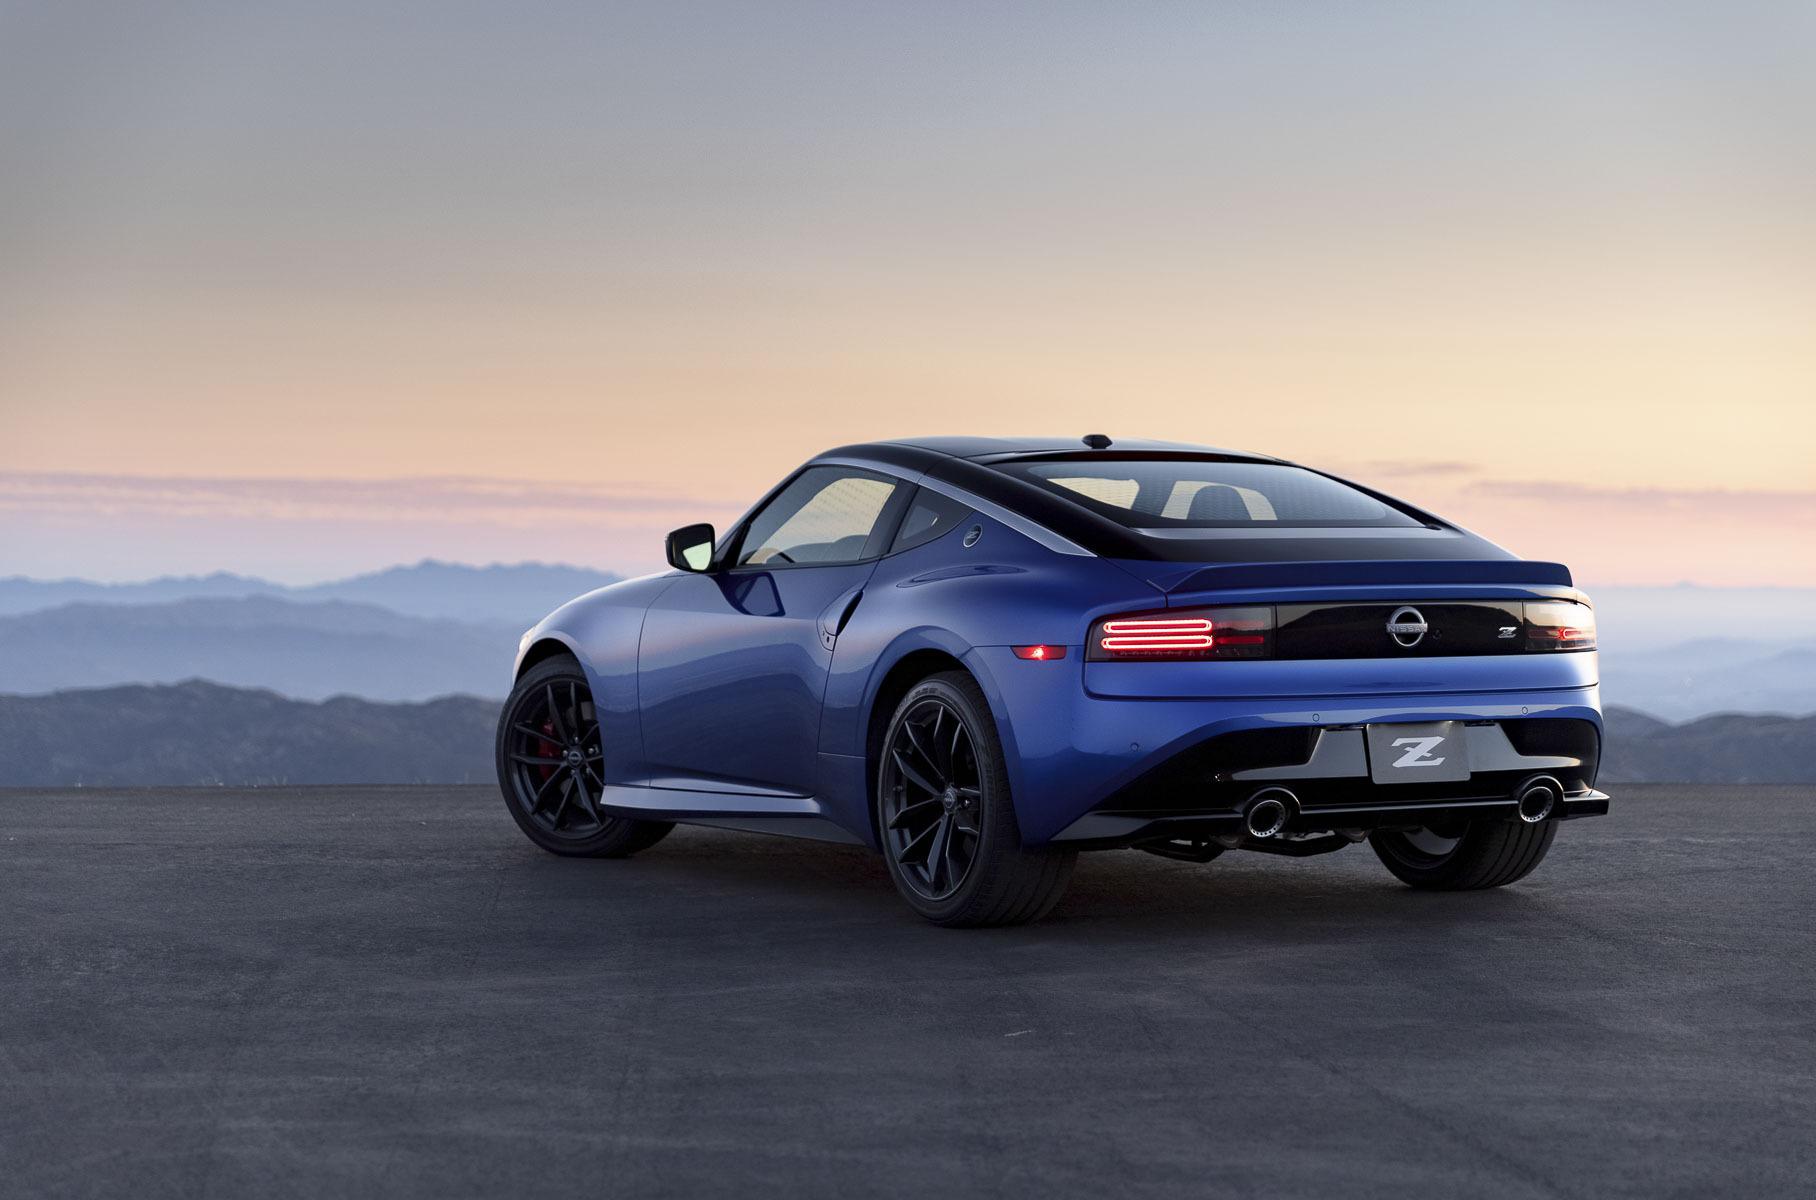 Новое спорткупе Nissan Z: раскрыты характеристики и стоимость